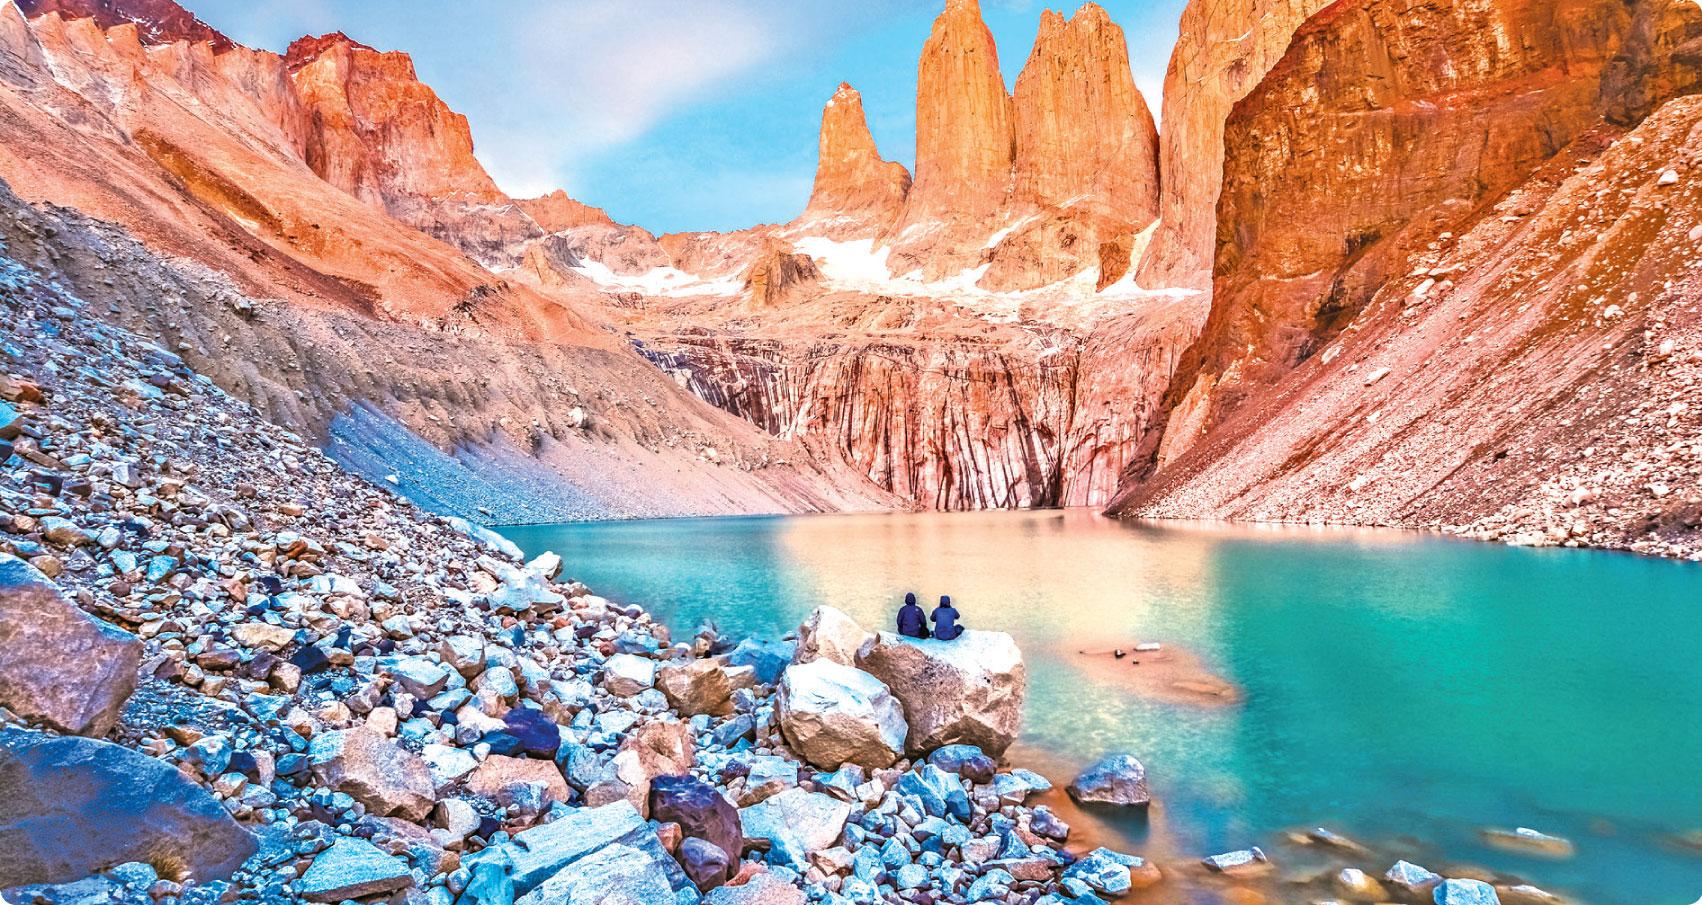 百內國家公園內的著名景點三塔山。(Fotolia)